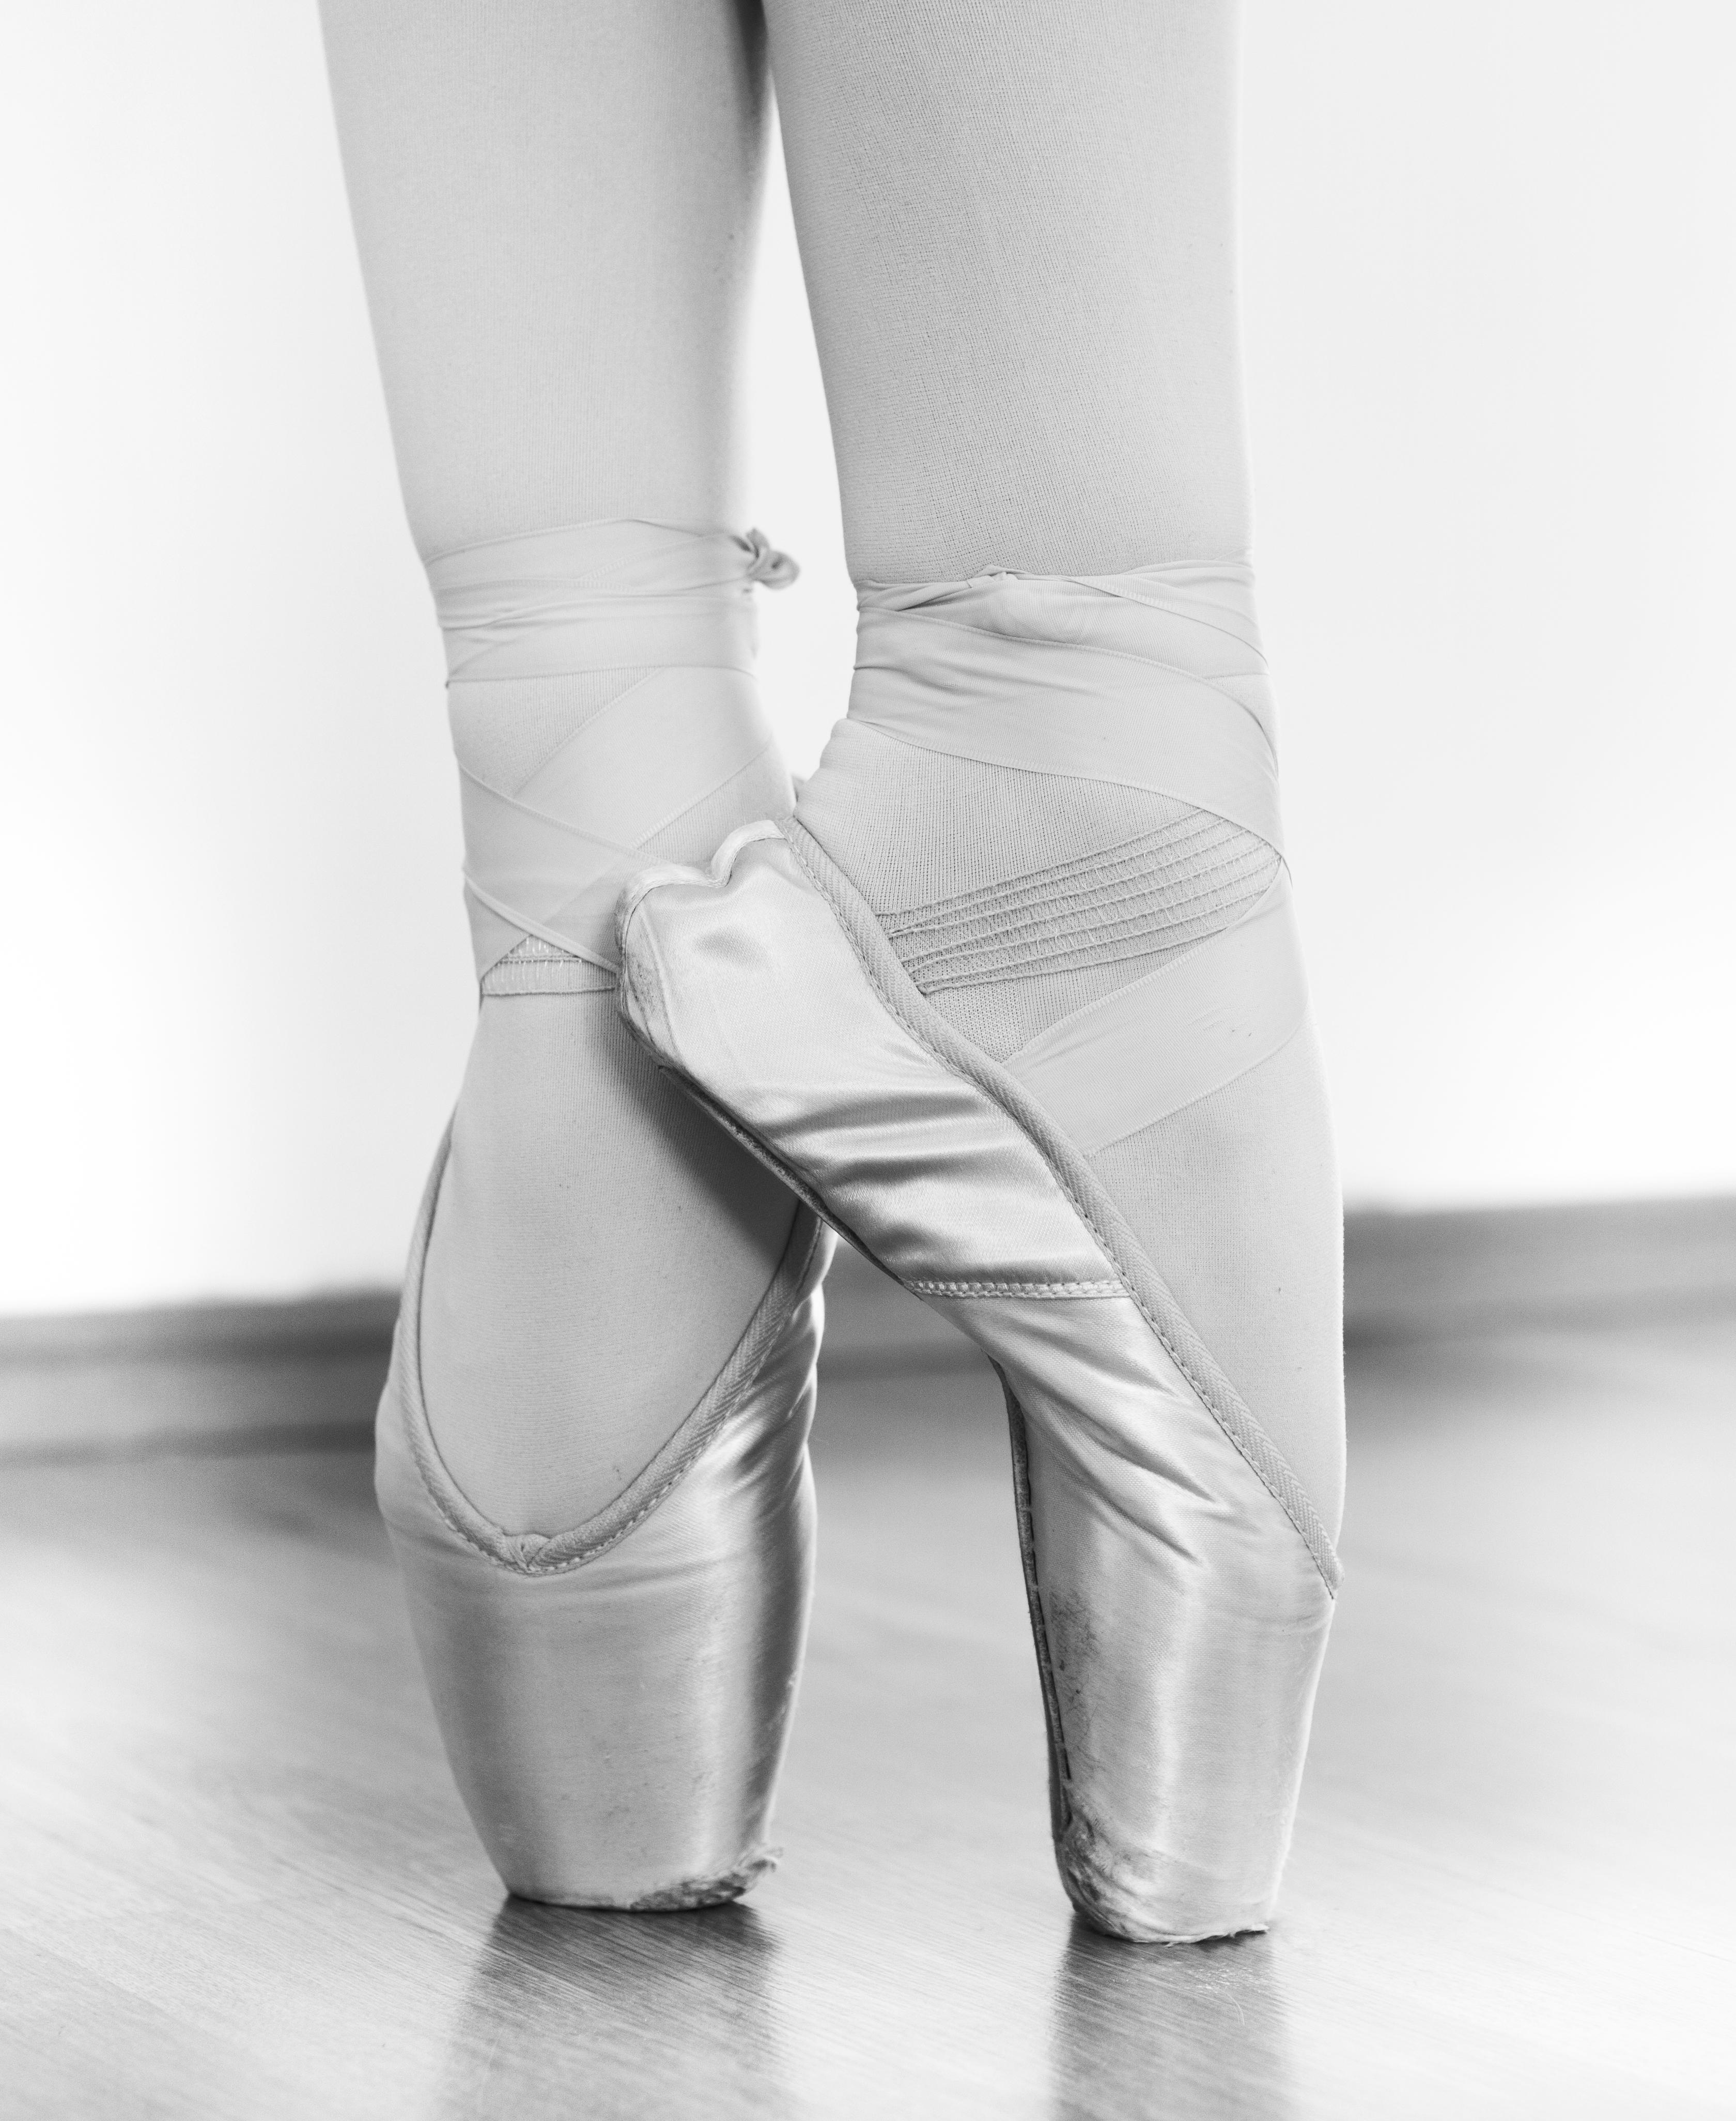 ballet shoes. file:ballet shoes (russian ballet school М. Исаева) bw.jpg a